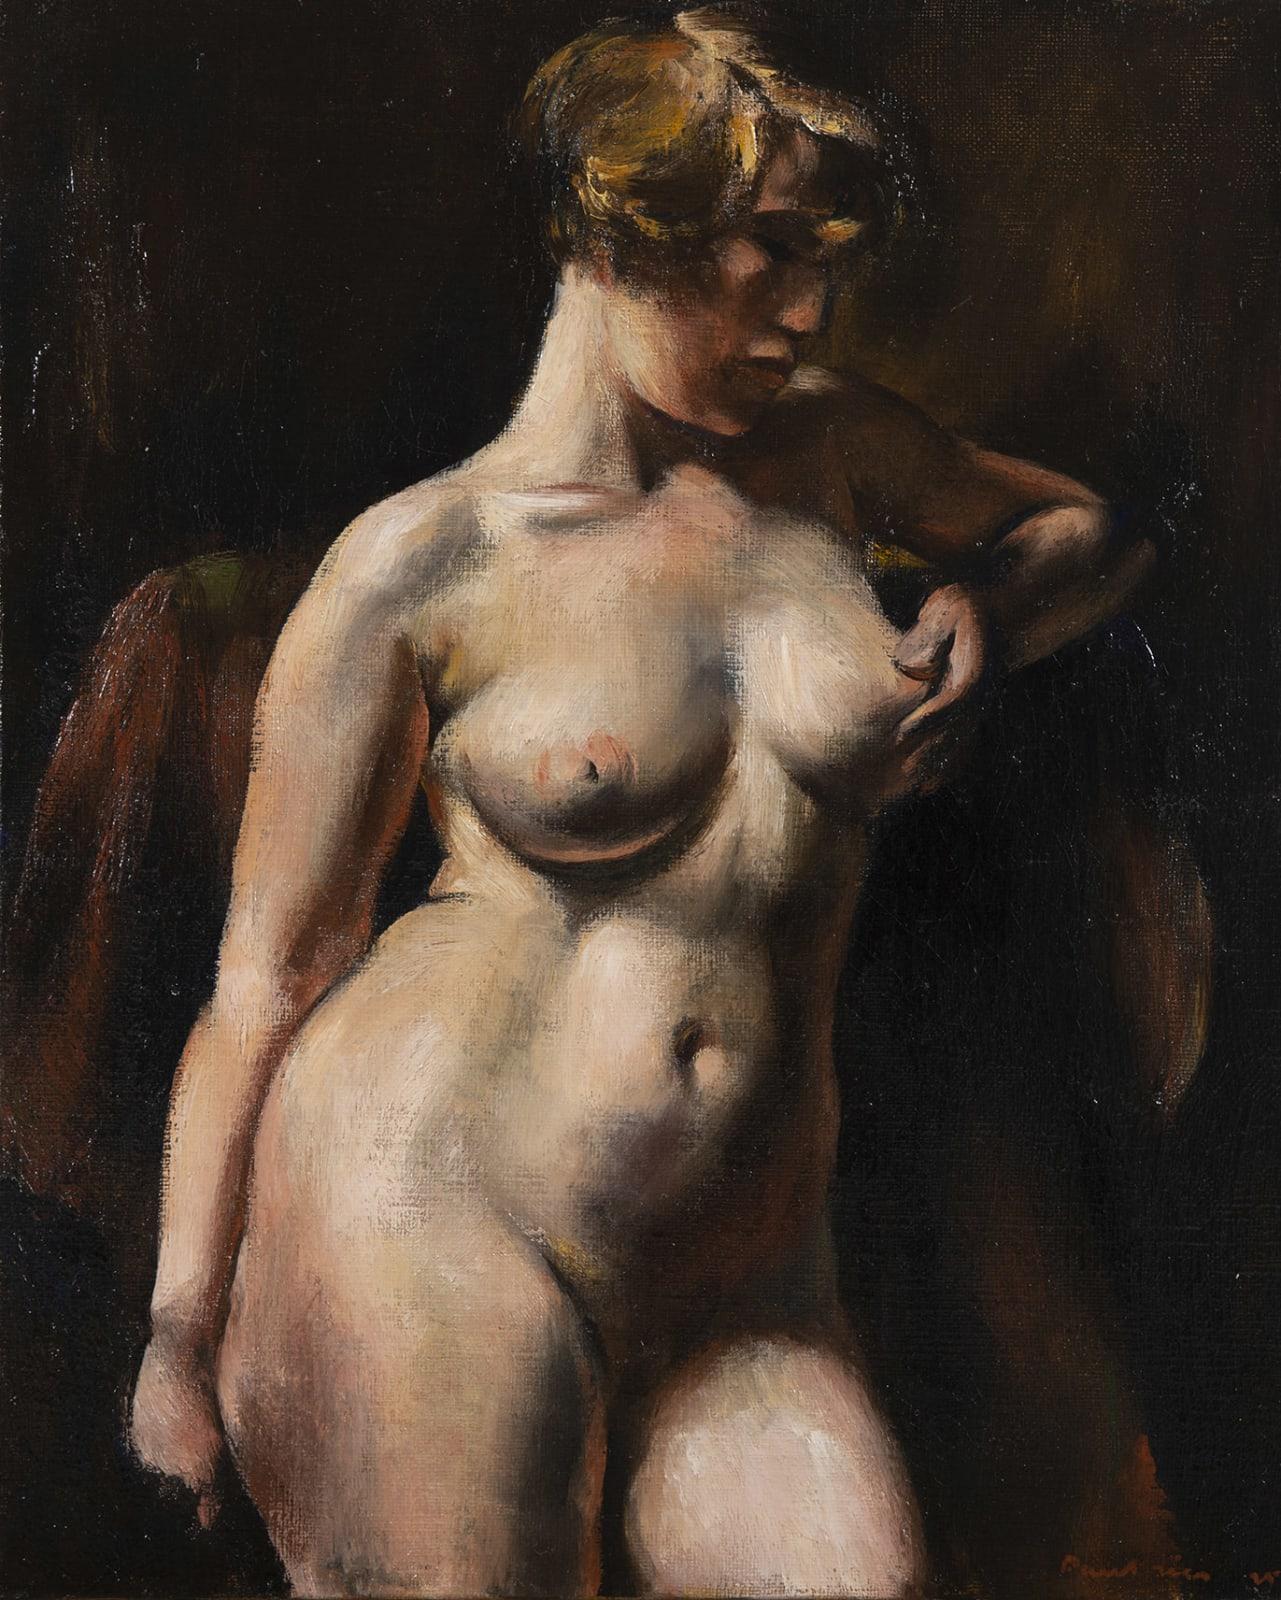 JEAN FAUTRIER, Nu féminin, 1925